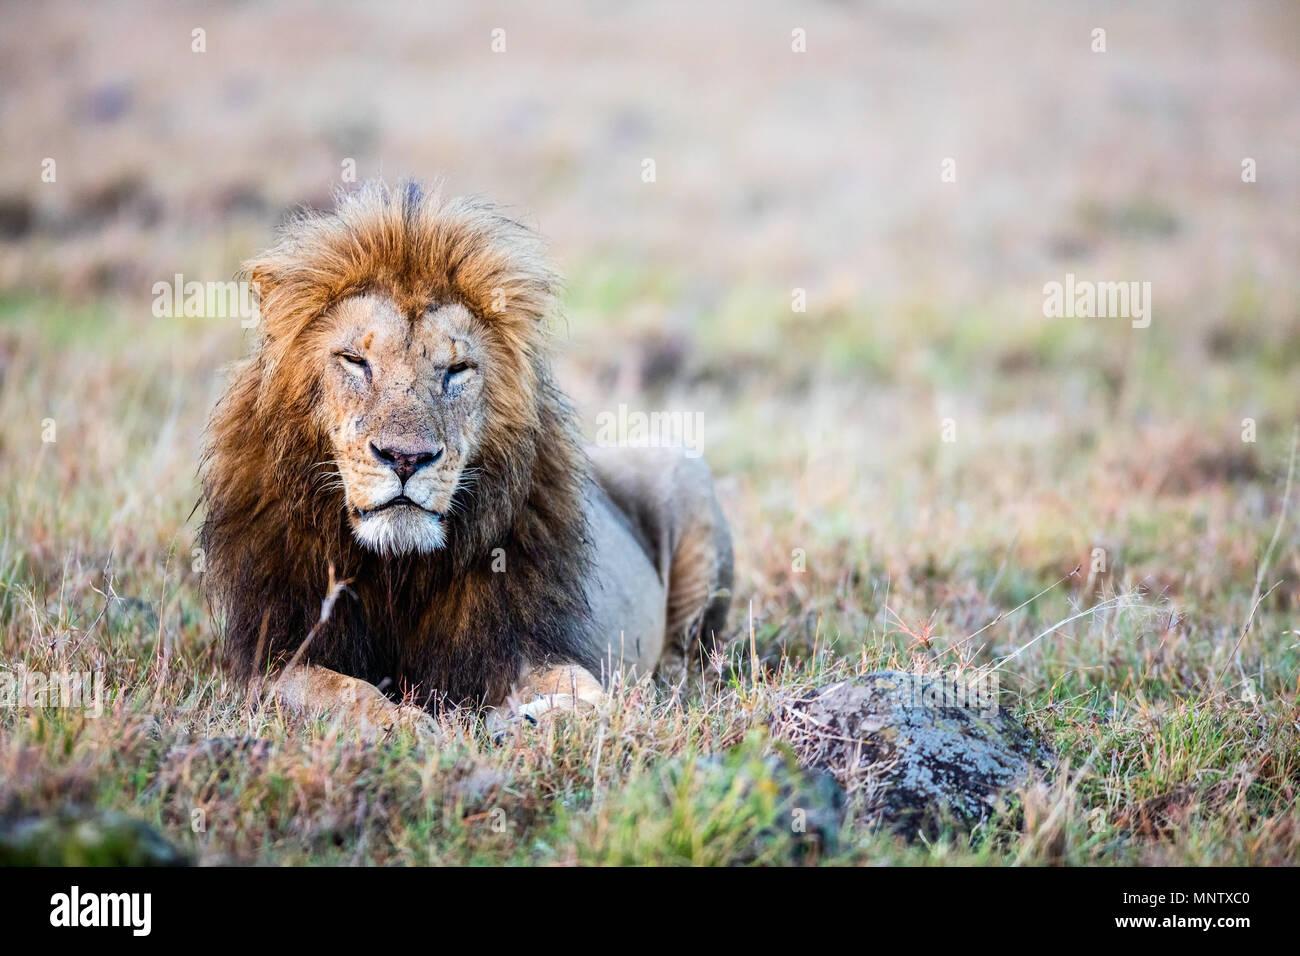 Männliche Löwe im Gras liegend in der Savanne in Afrika Stockbild